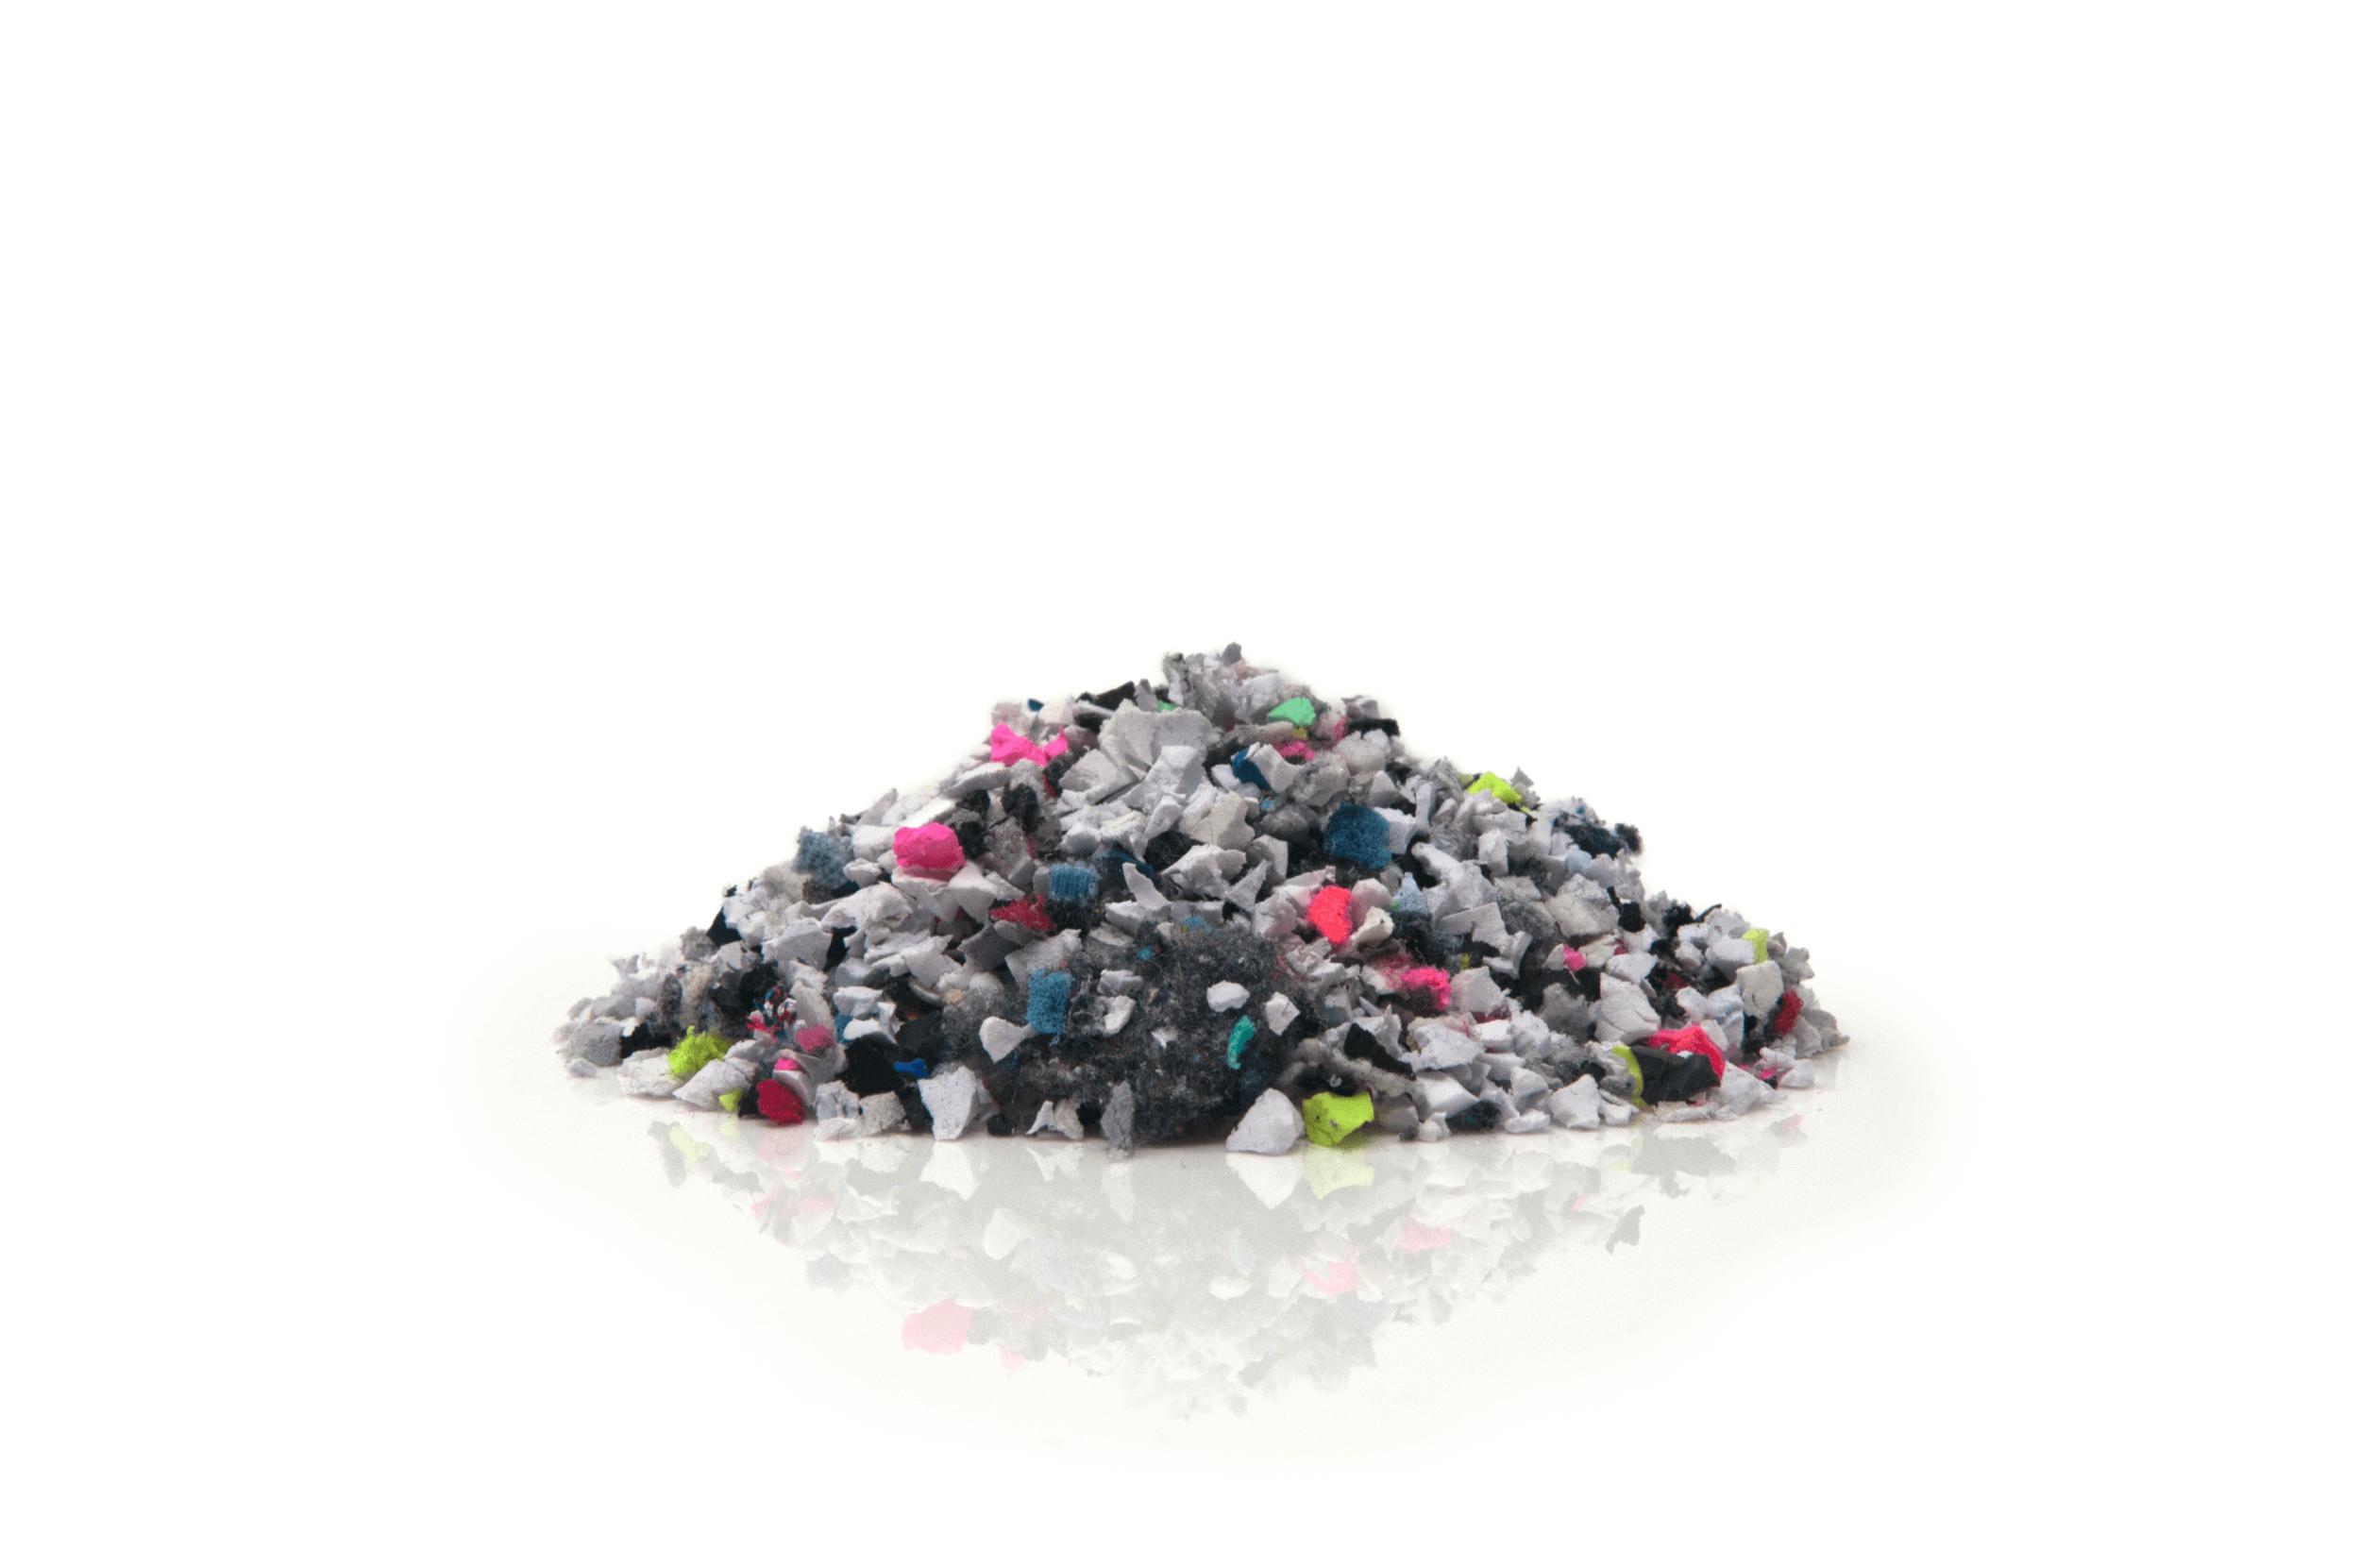 Penetración Finalmente Desaparecer  Protecting the Environment | Nike Purpose